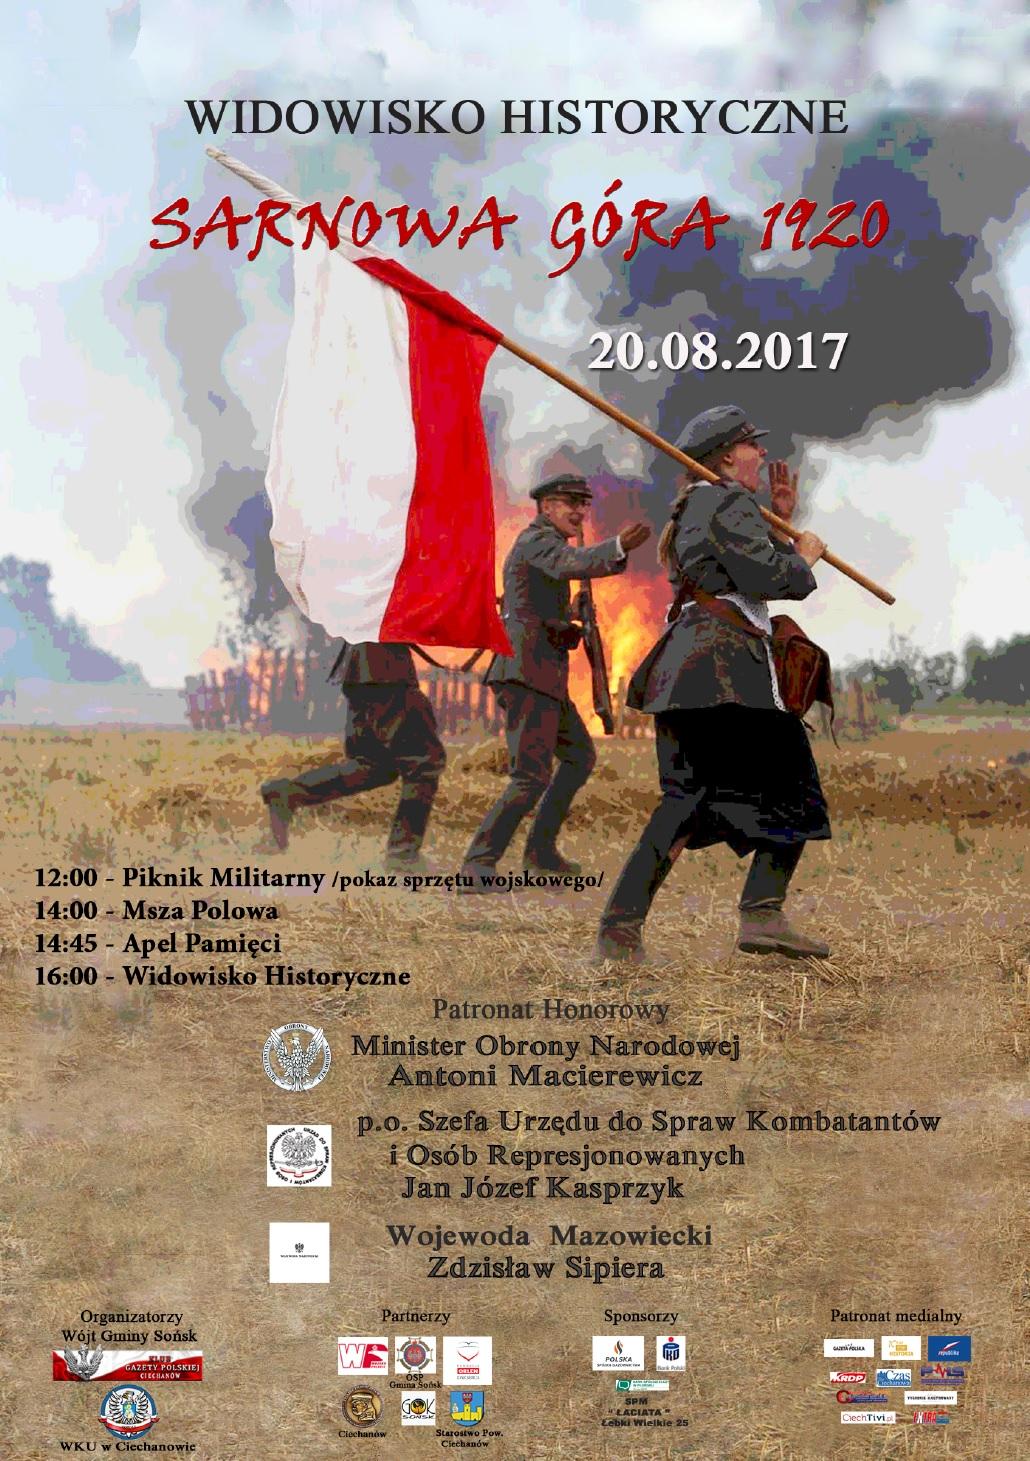 Ciechanow Sarnowa Gora 2017